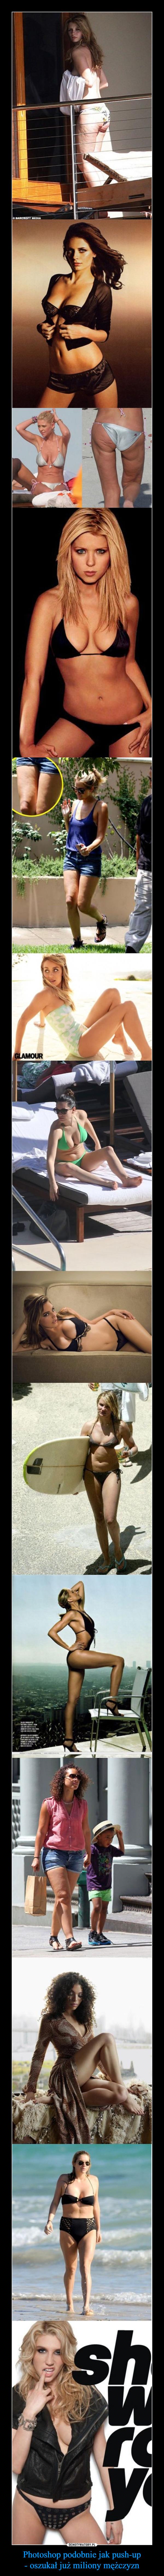 Photoshop podobnie jak push-up- oszukał już miliony mężczyzn –